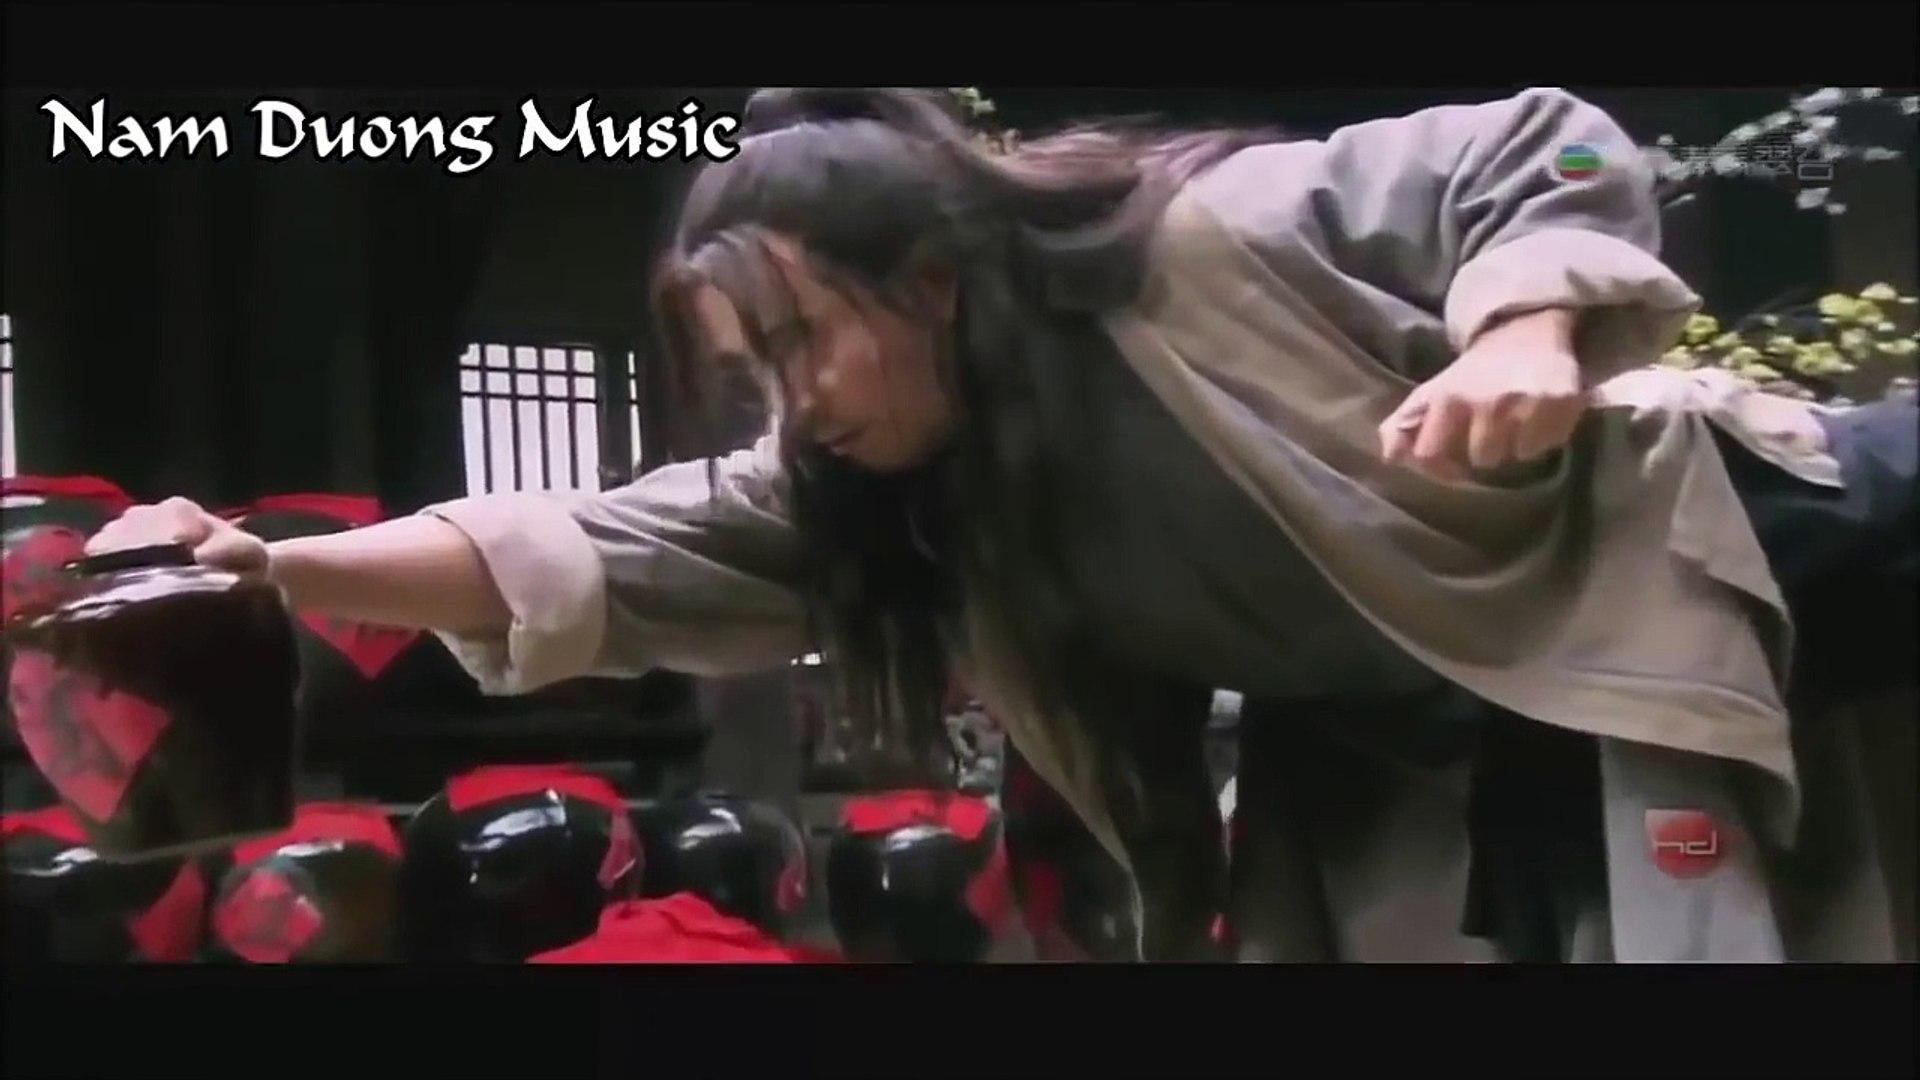 Nhạc Lồng Phim Remix Hay Nhất Tháng 5-2016 Phần Cuối - Lồng Phim Hành Động Hay Các Màn Võ Thuật Hay